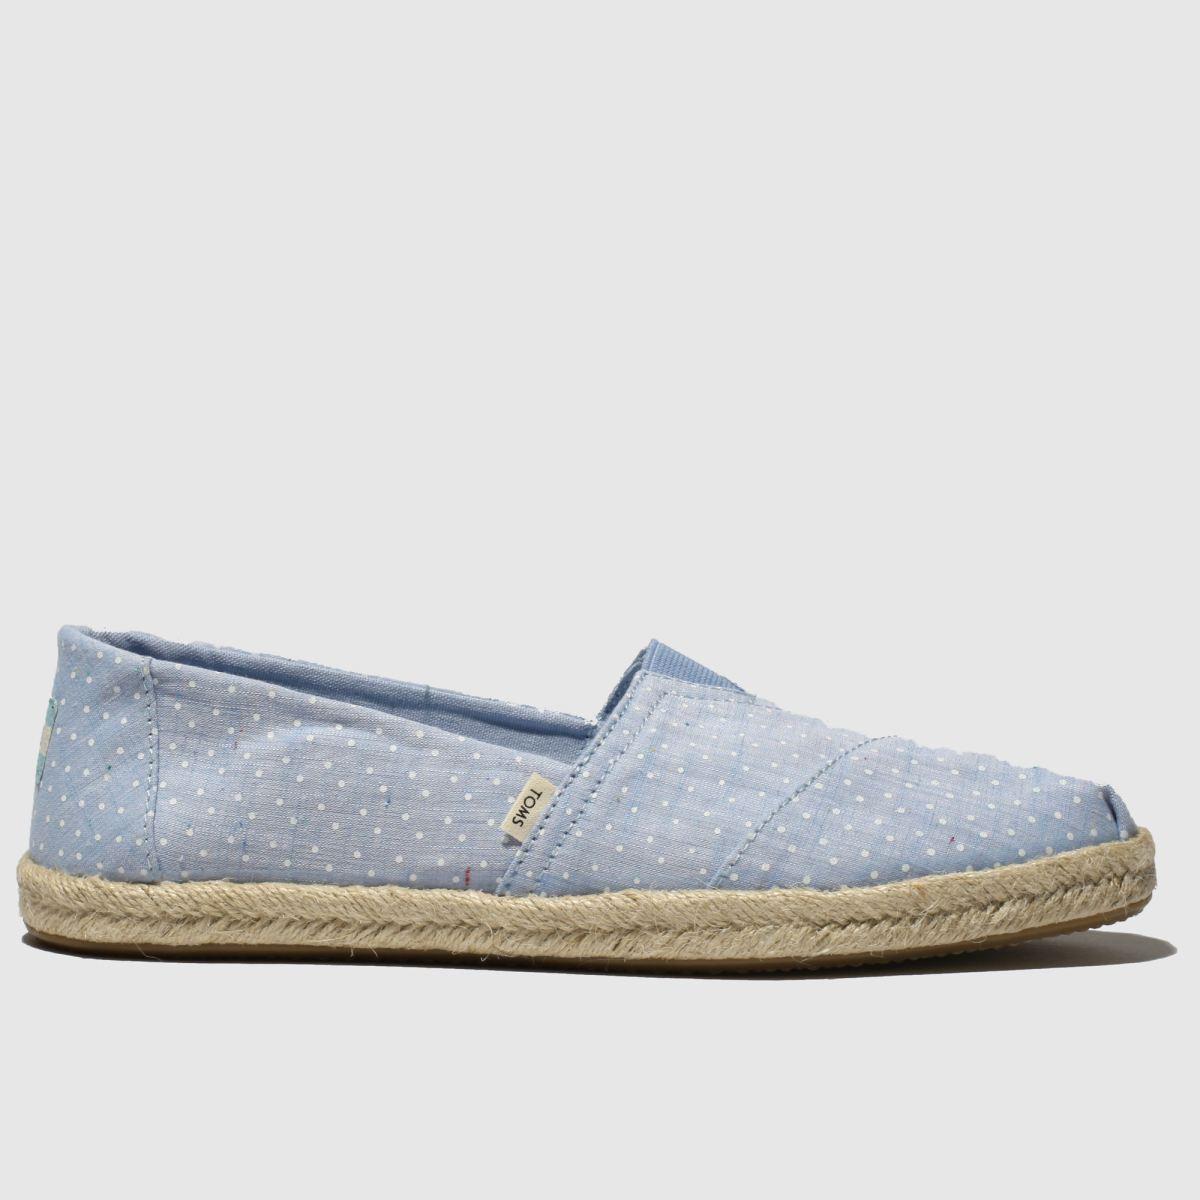 Toms Blue Alpargata Rope Sole Flat Shoes